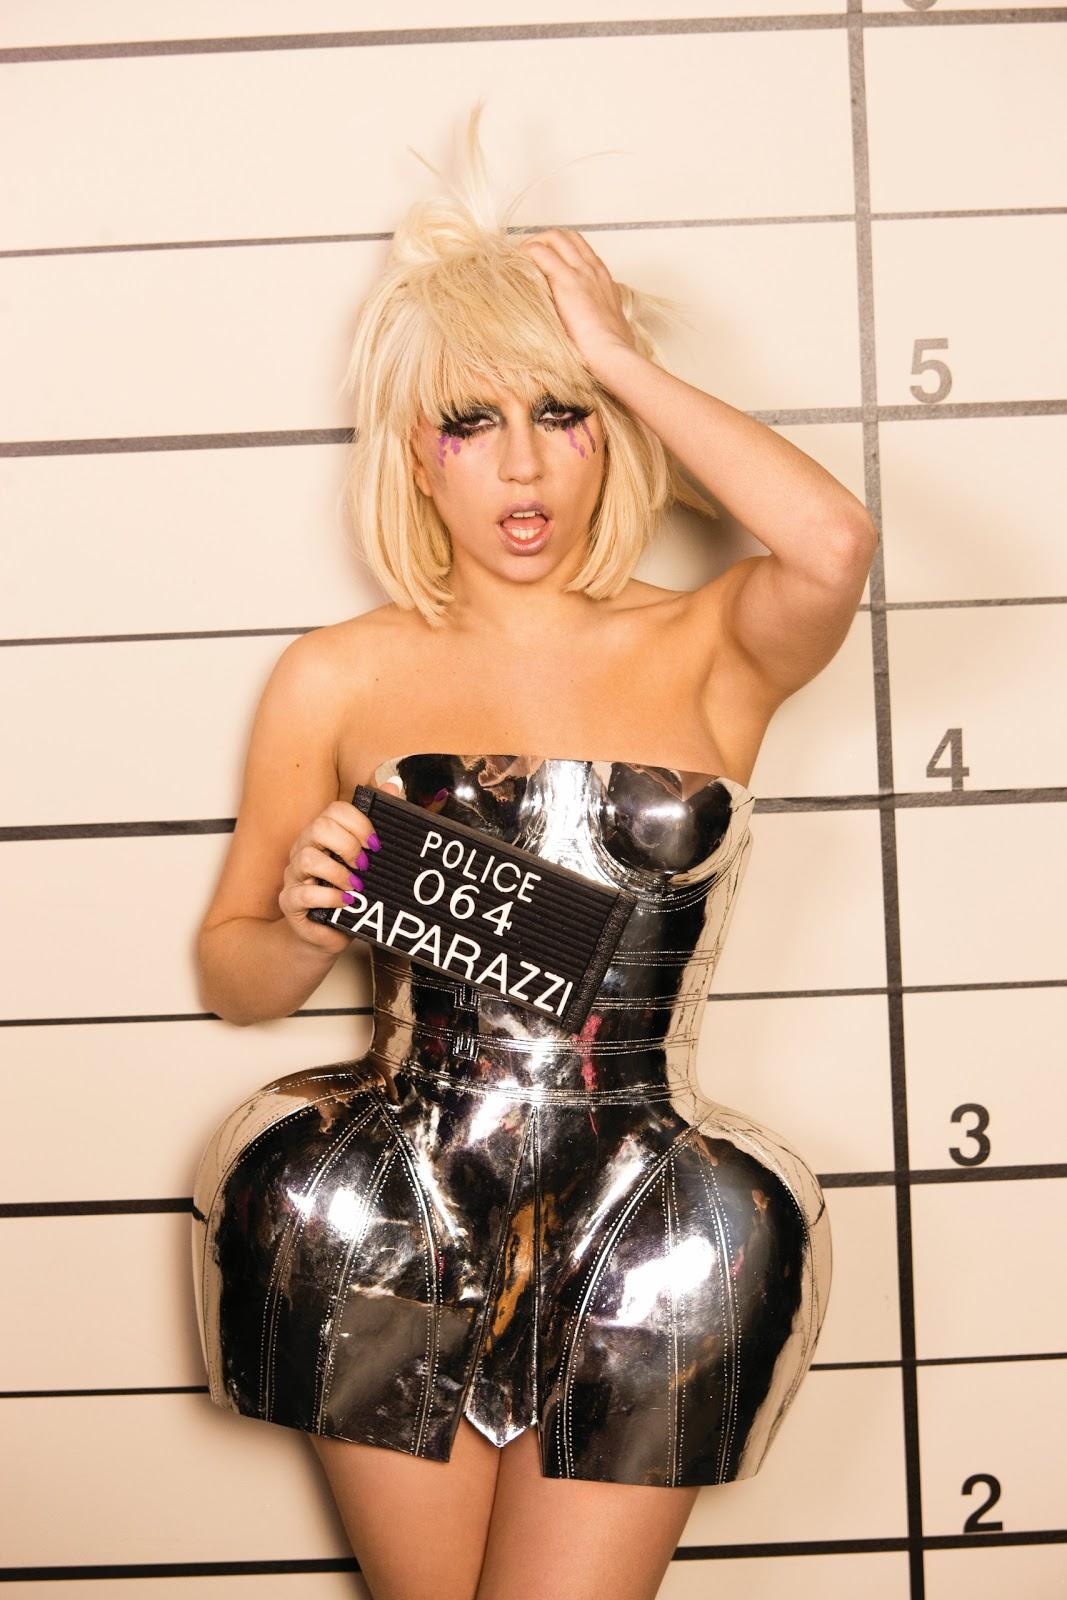 http://3.bp.blogspot.com/-ZaaIybFqgiE/ToxzCwa8h3I/AAAAAAAAAf8/claAzGZxDm8/s1600/Lady-Gaga.jpg